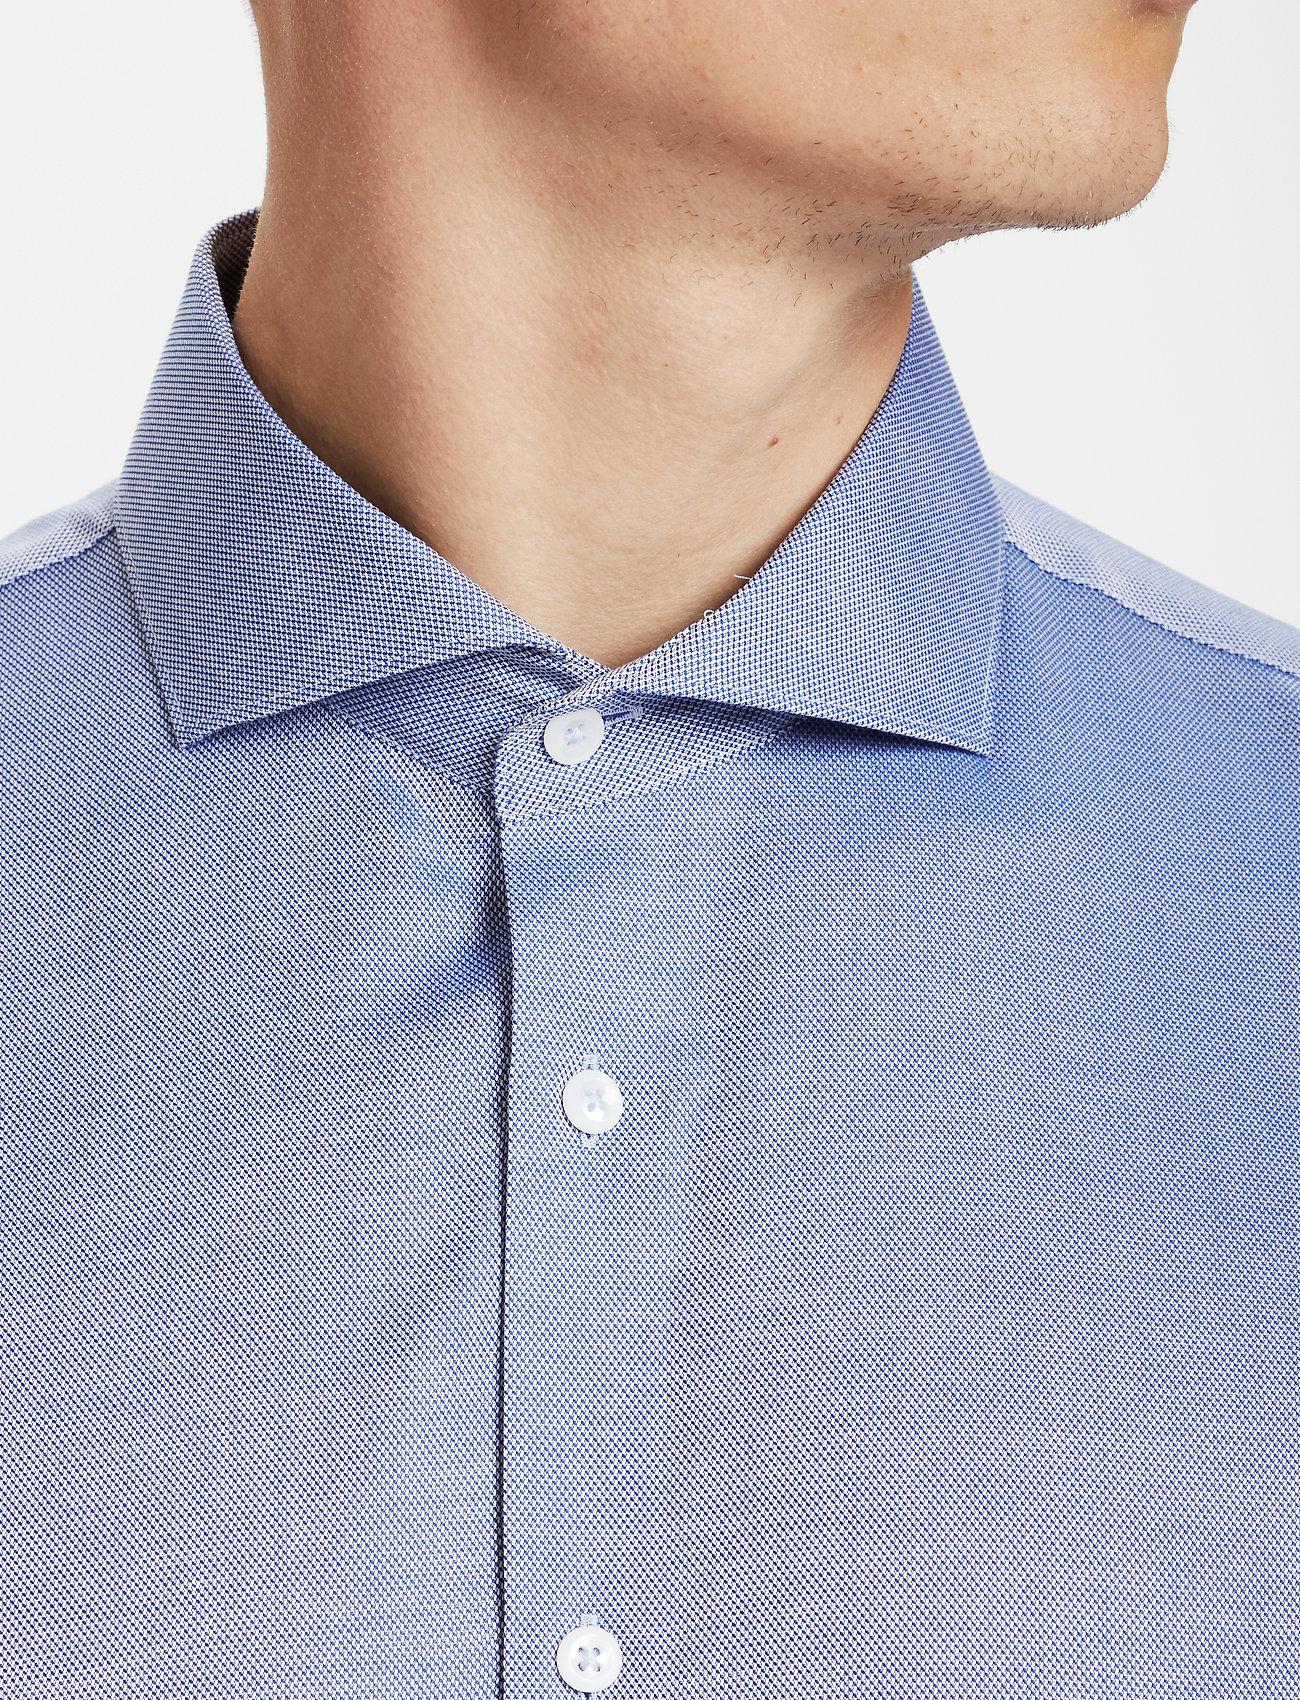 Matinique MAtrostol BC3 - Skjorter INK BLUE - Menn Klær